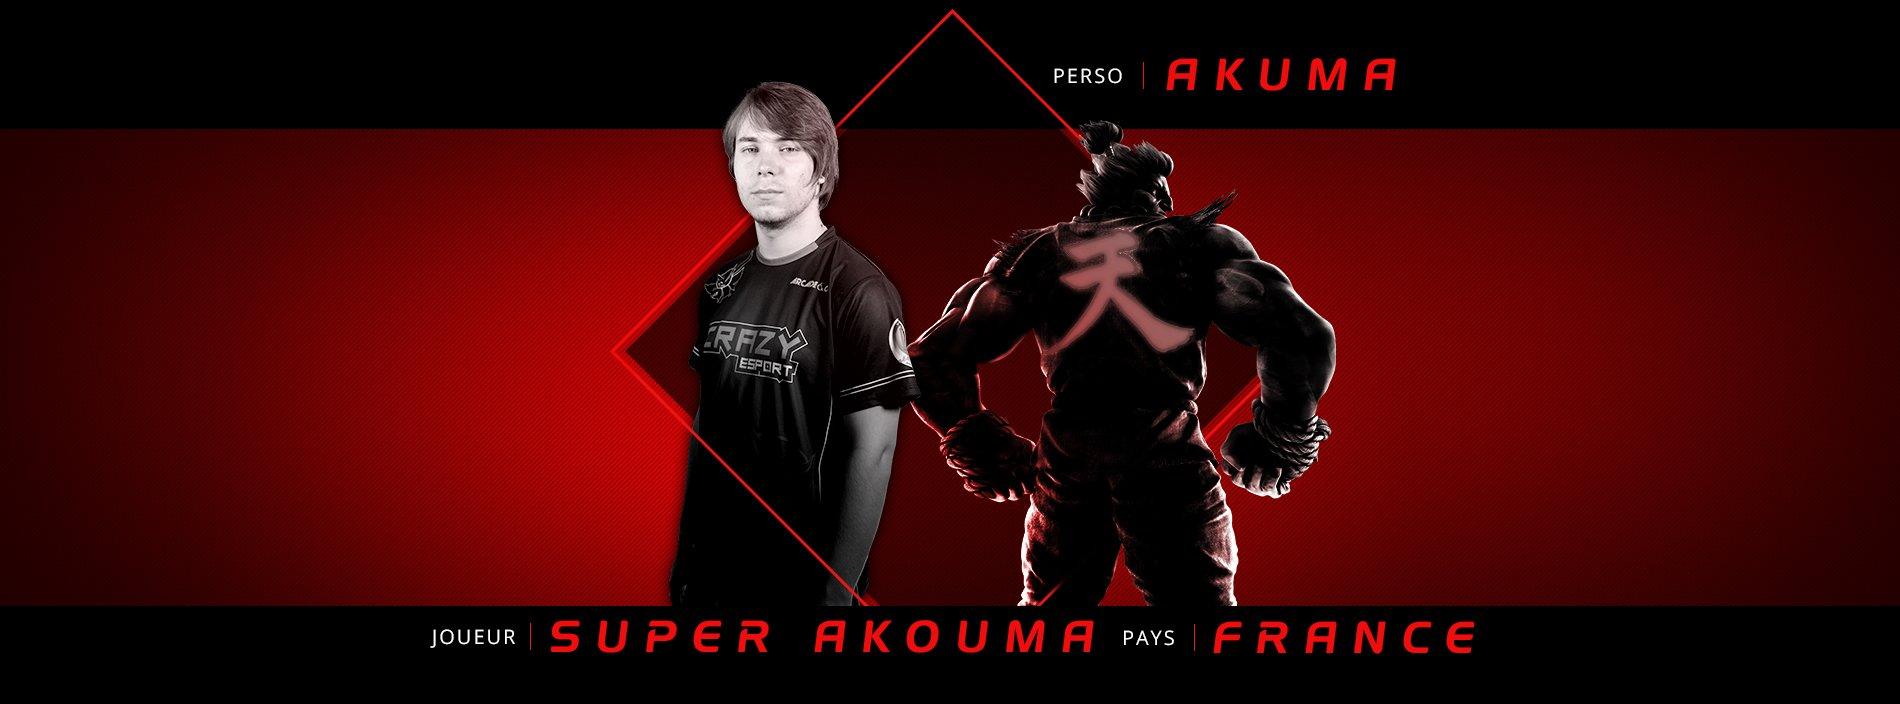 interview-super-akouma-tekken-7-vincent-homan-3